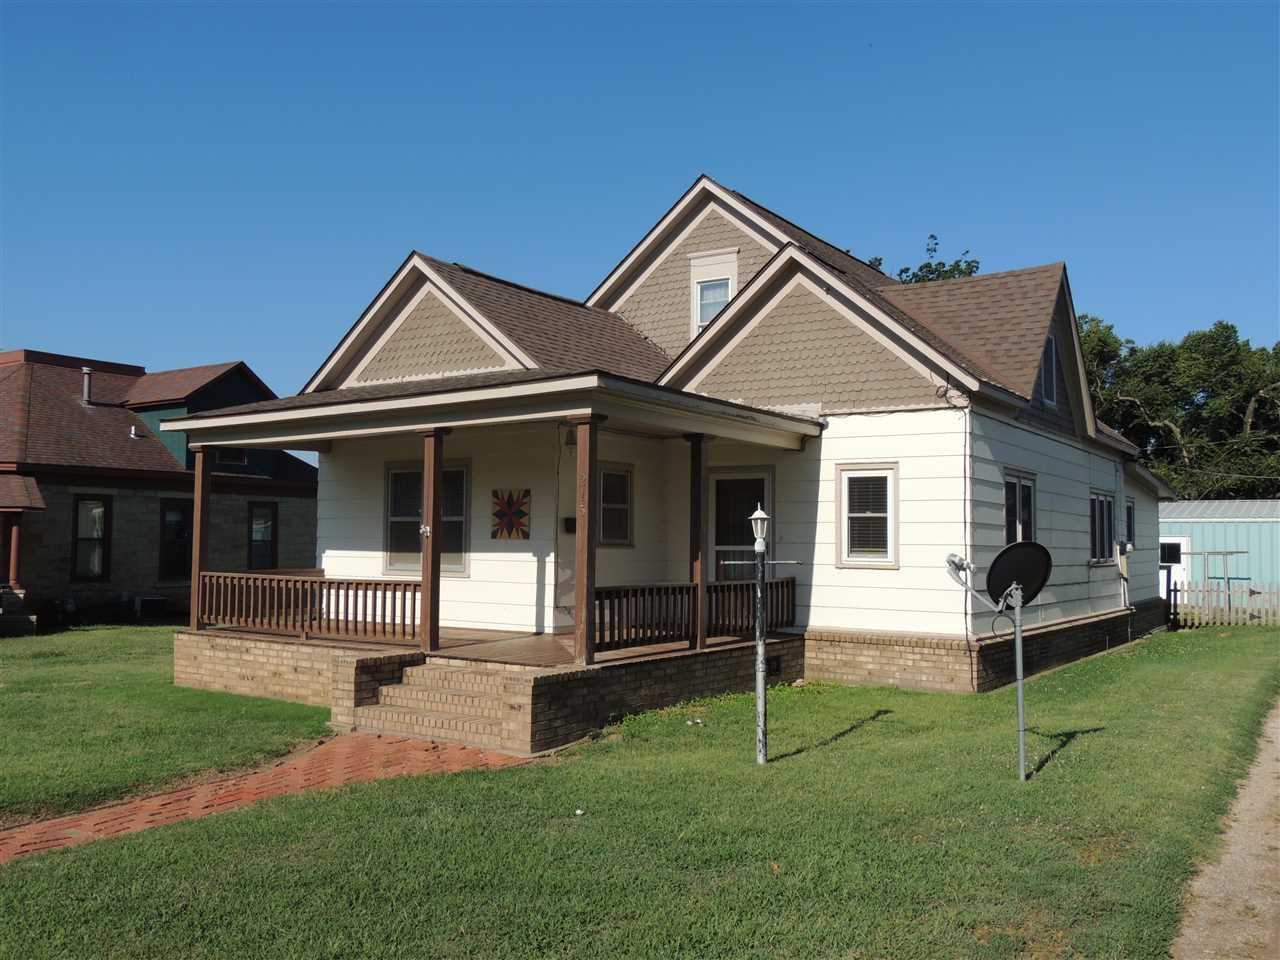 215 S MAIN ST, Caldwell, KS 67022